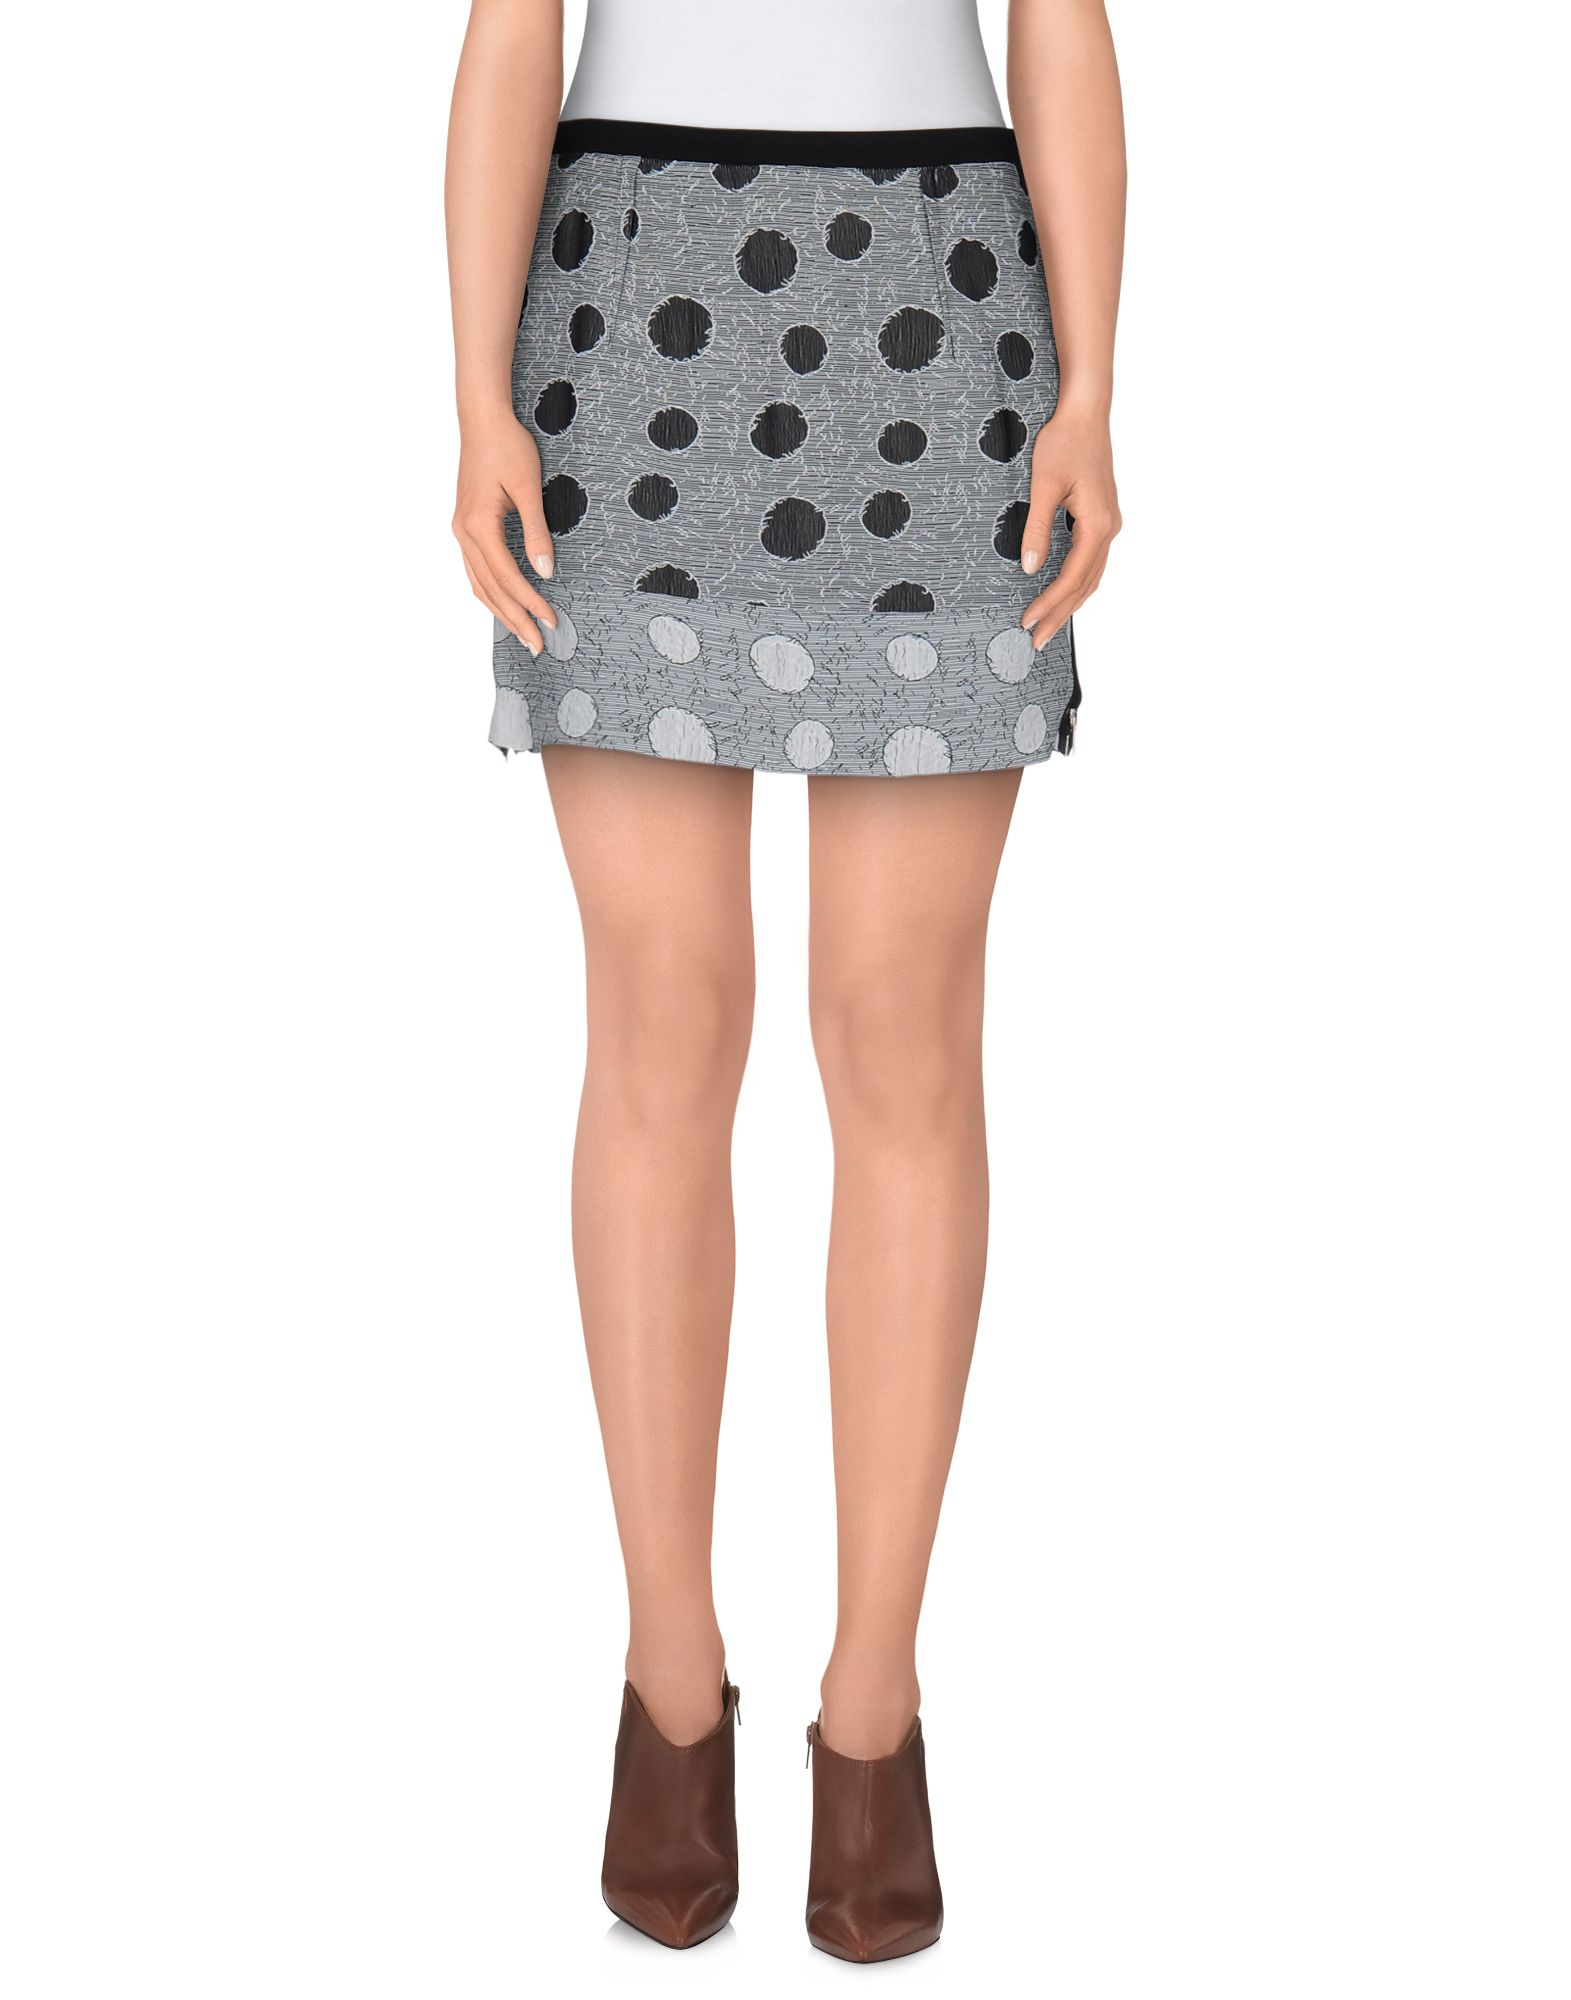 COSTUME NATIONAL Мини-юбка юбка карандаш с застежкой на молнию costume national